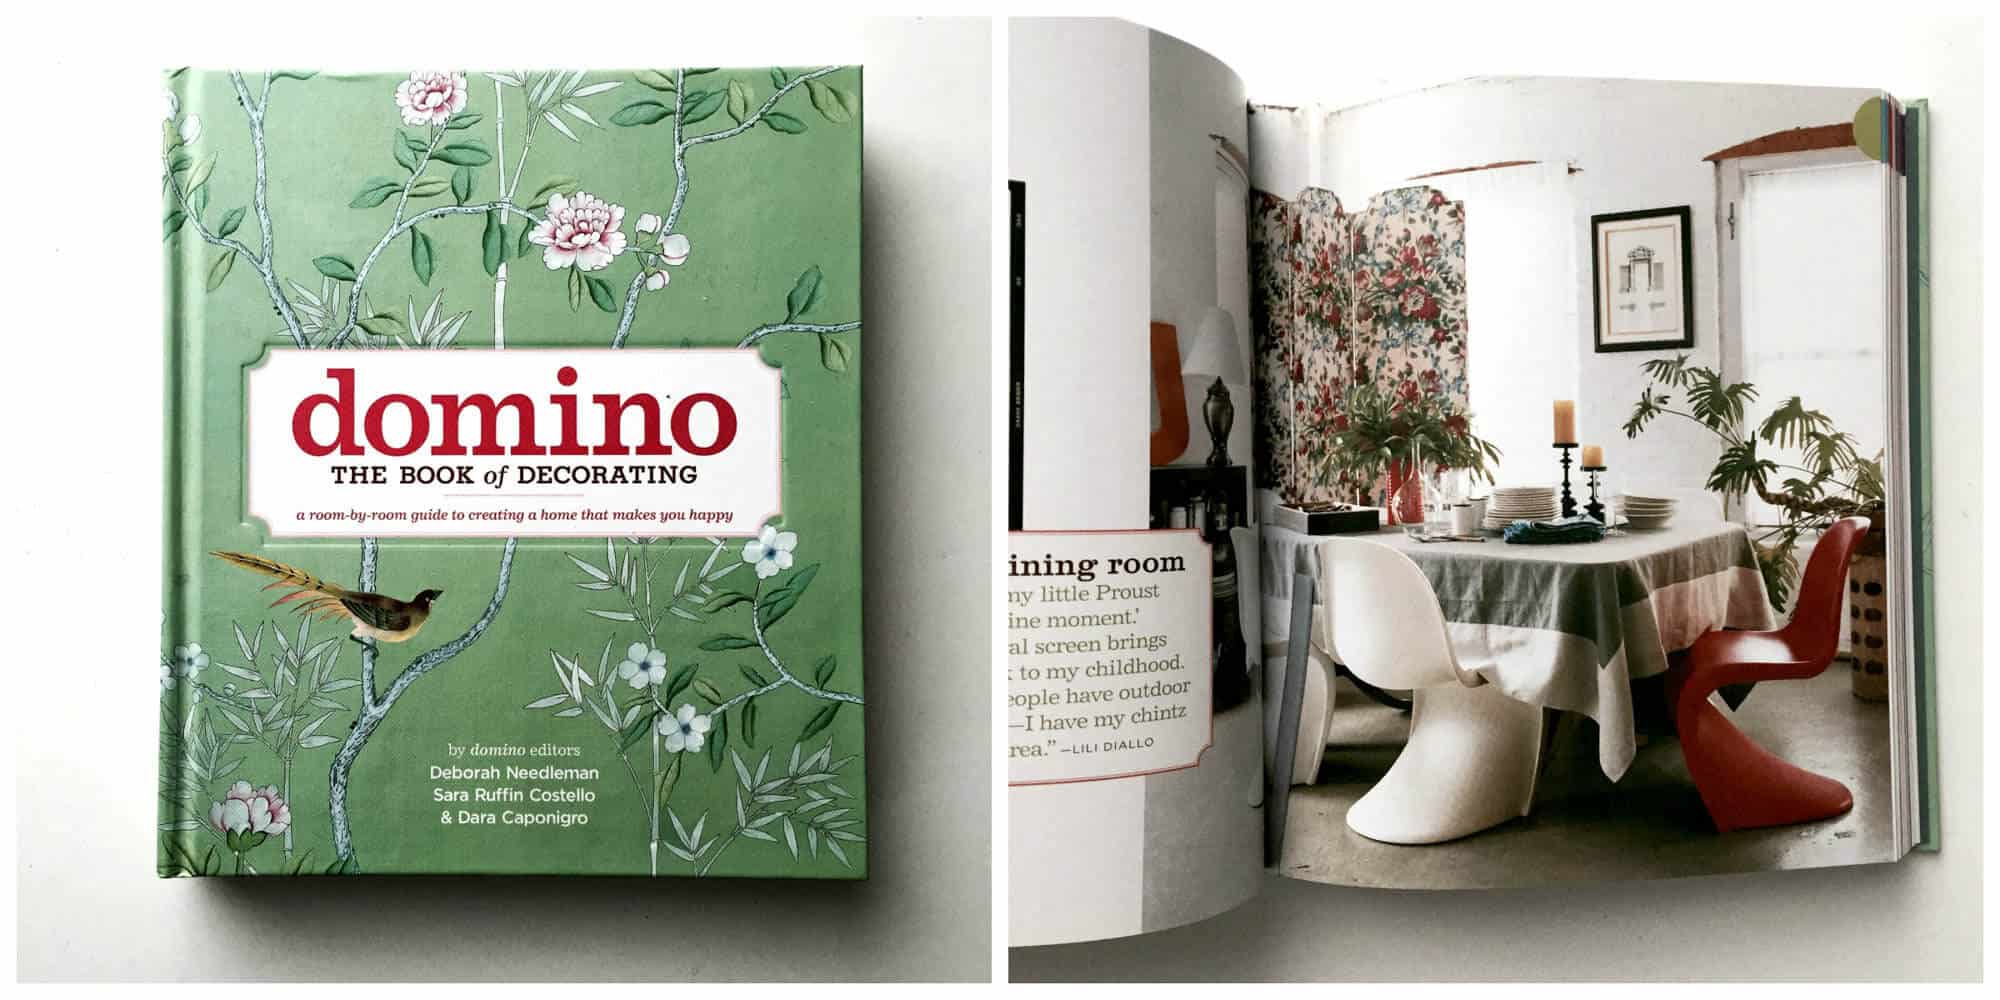 Interior design home book - Domino